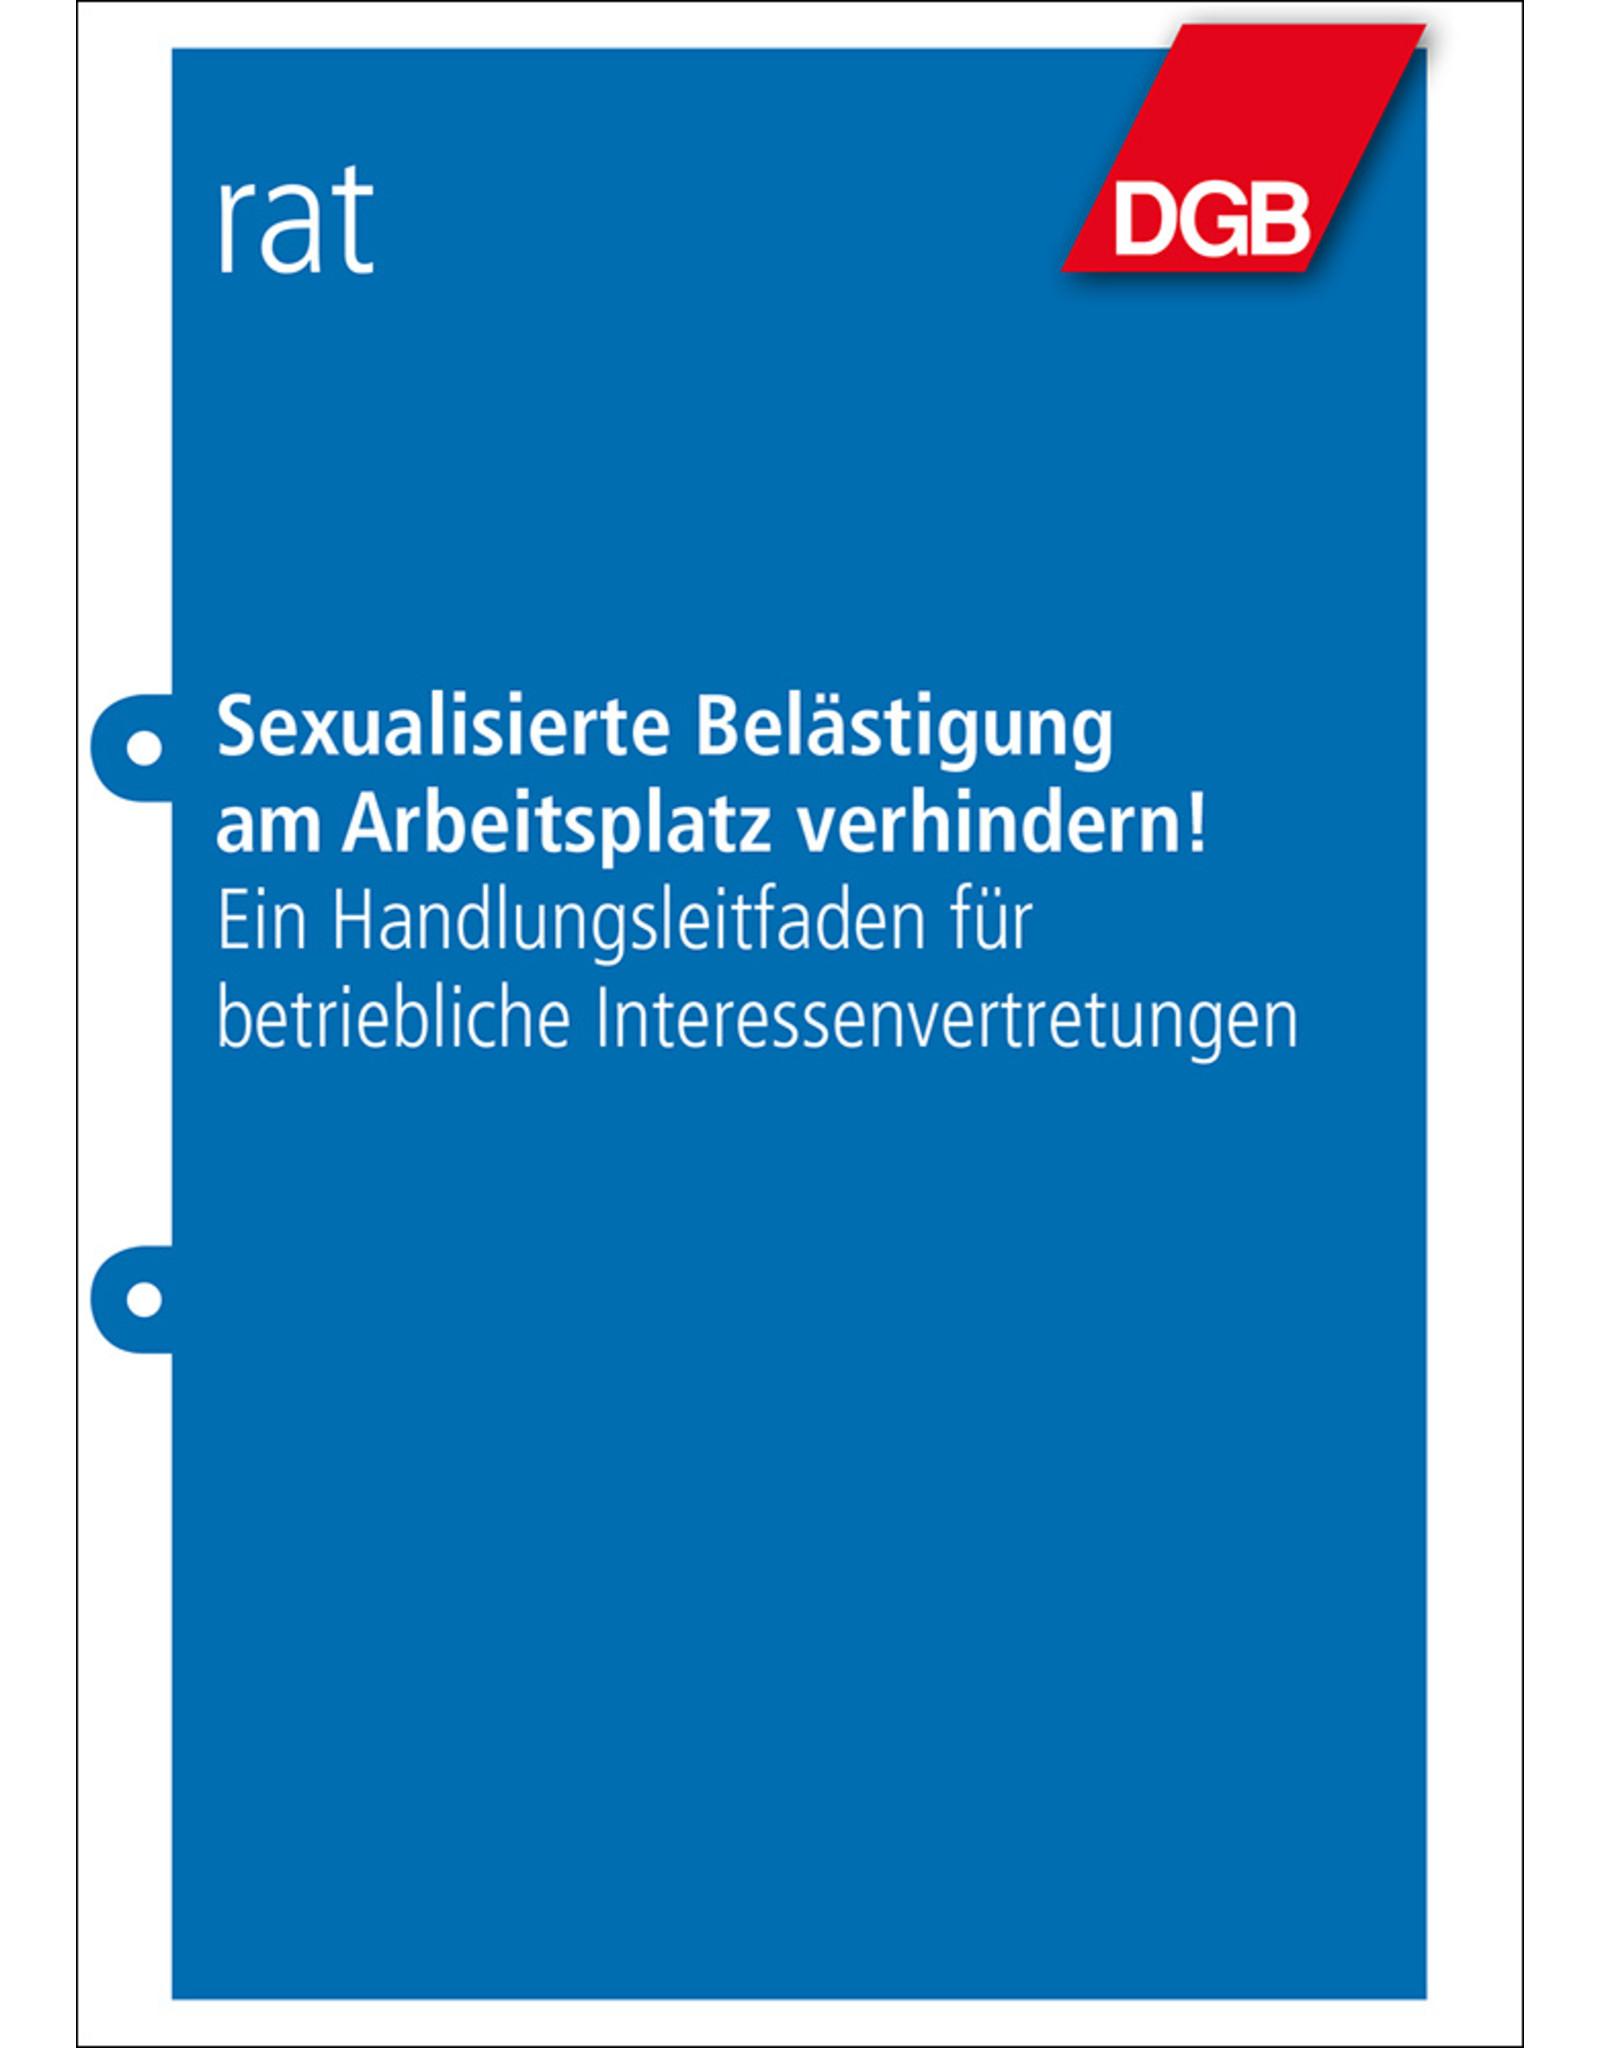 DGB-Leitfaden Sexualisierte Belästigung am Arbeitsplatz verhindern!